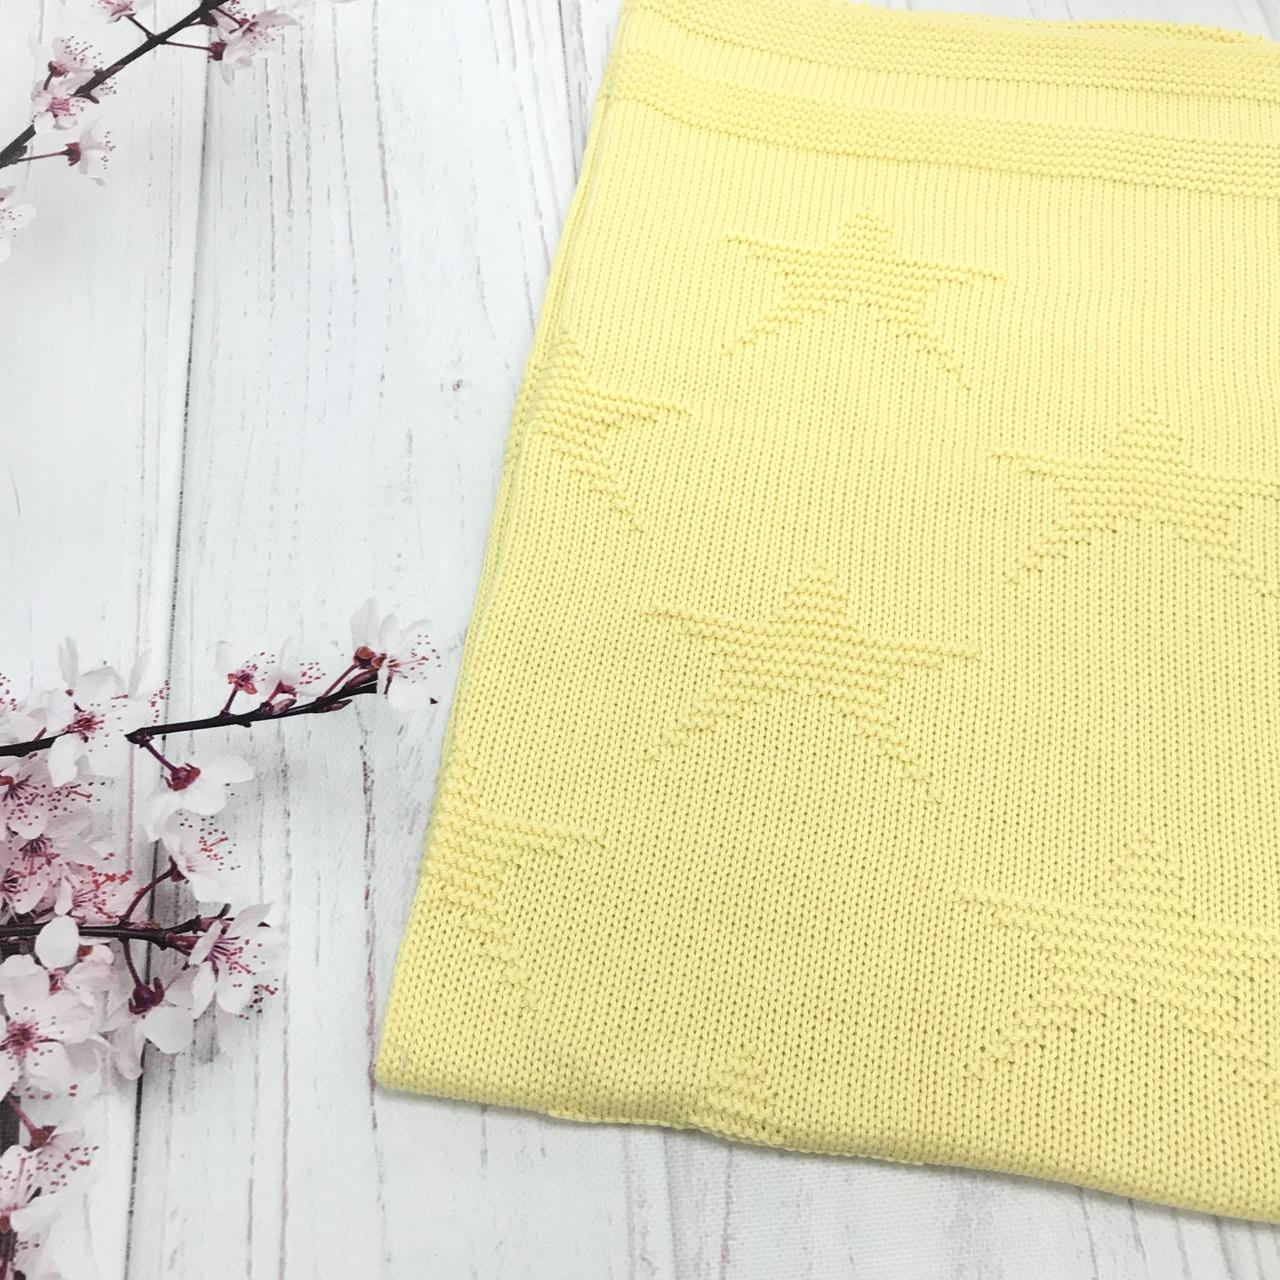 Плед вязанный (90% хлопок, 10% акрил) звезды желтый 95*75 см